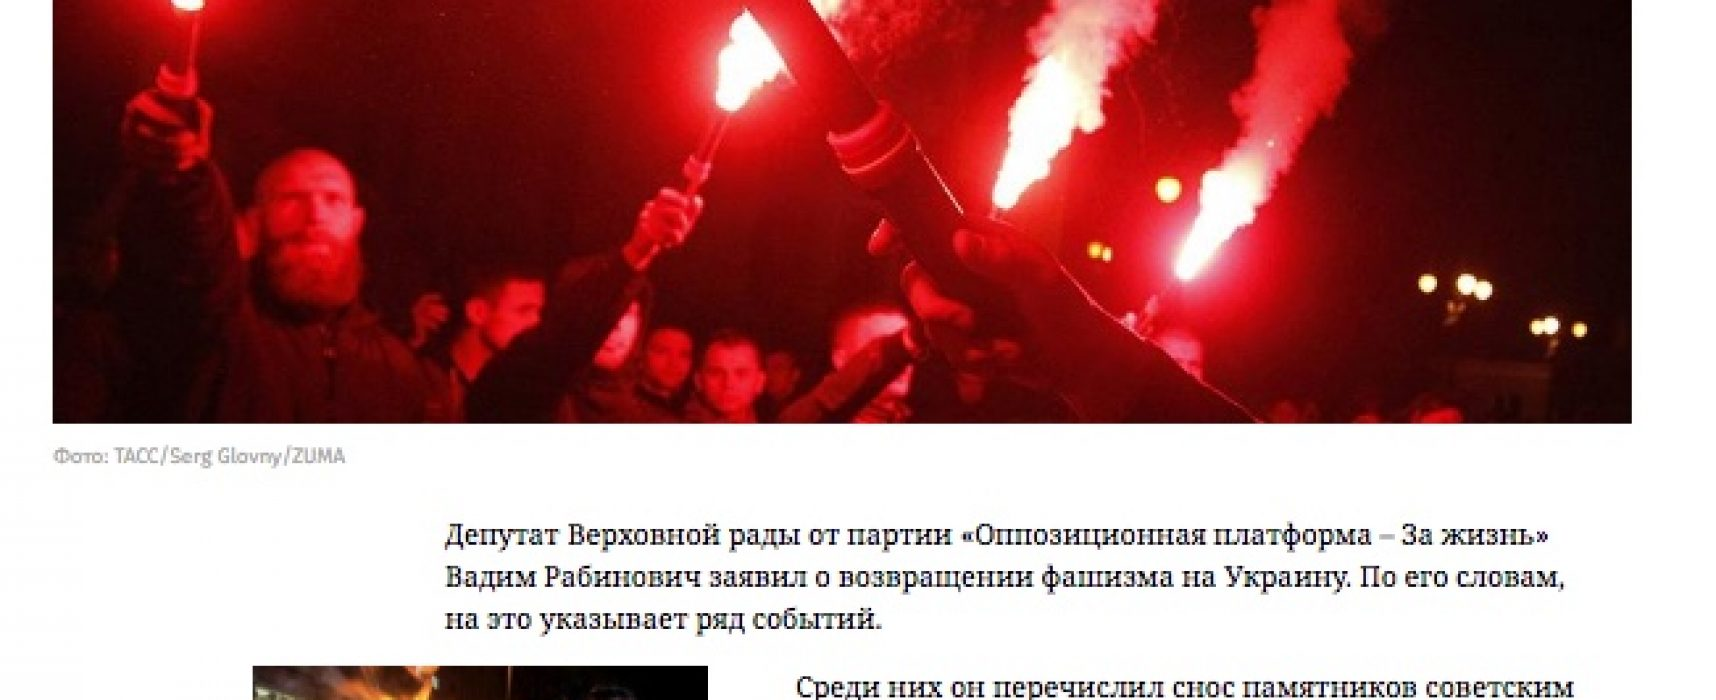 """Фейк: В Украину """"возвращается фашизм"""""""